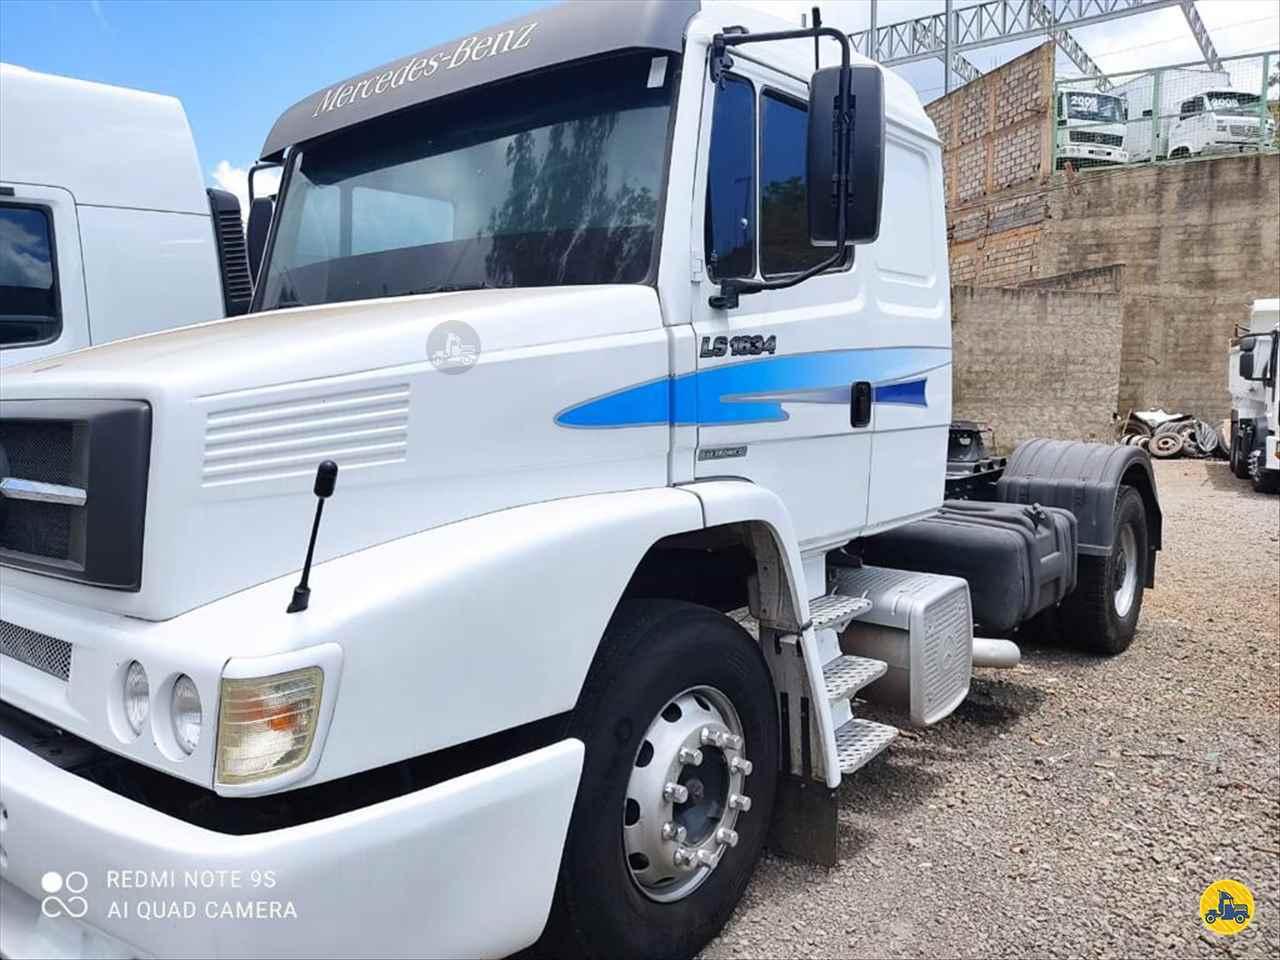 CAMINHAO MERCEDES-BENZ MB 1634 Cavalo Mecânico Toco 4x2 Caminhões Certos CONTAGEM MINAS GERAIS MG